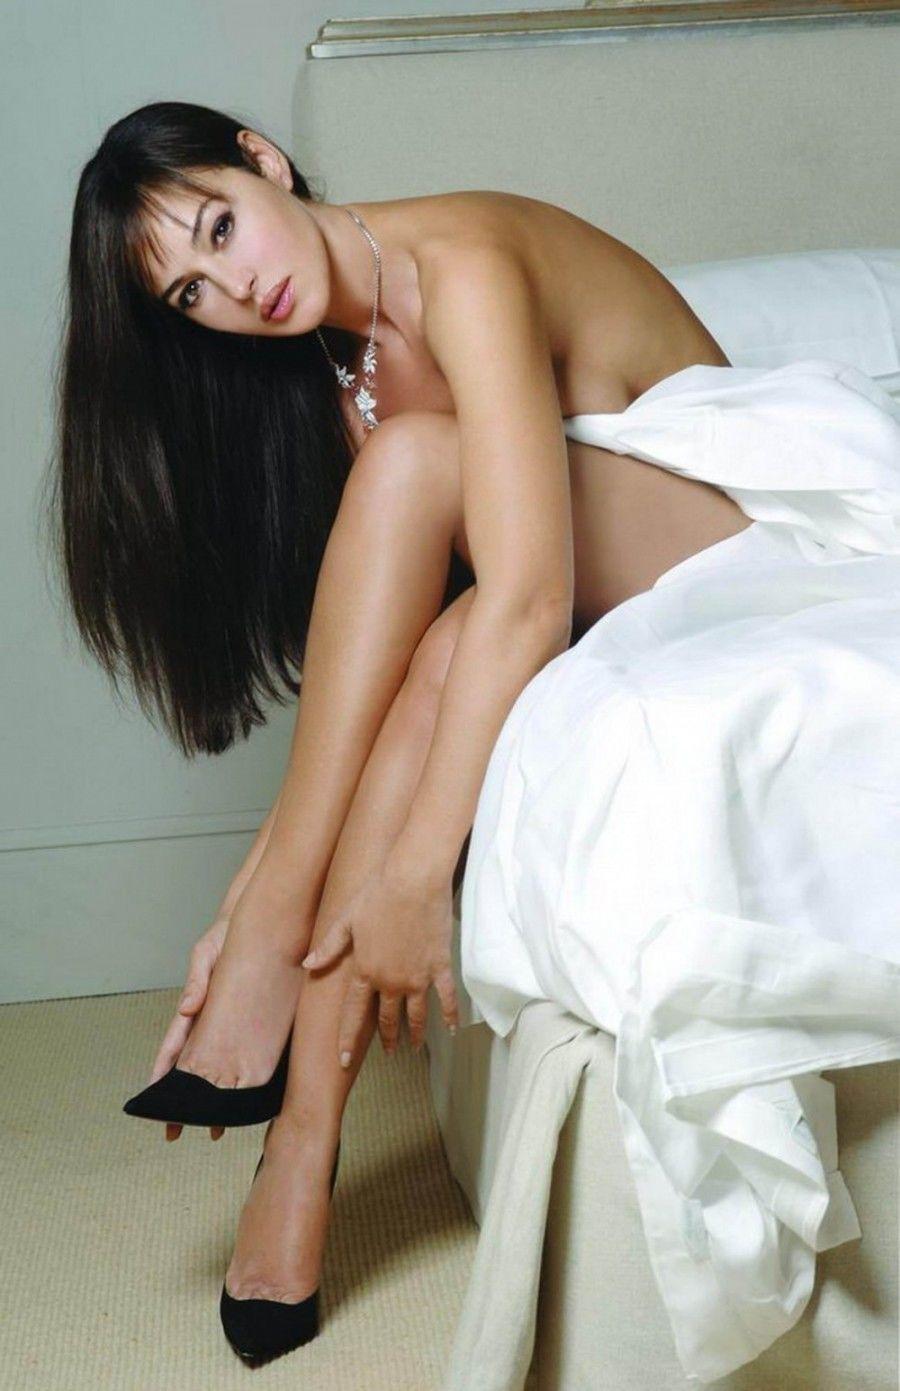 monika-belluchchi-foto-eroticheskoe